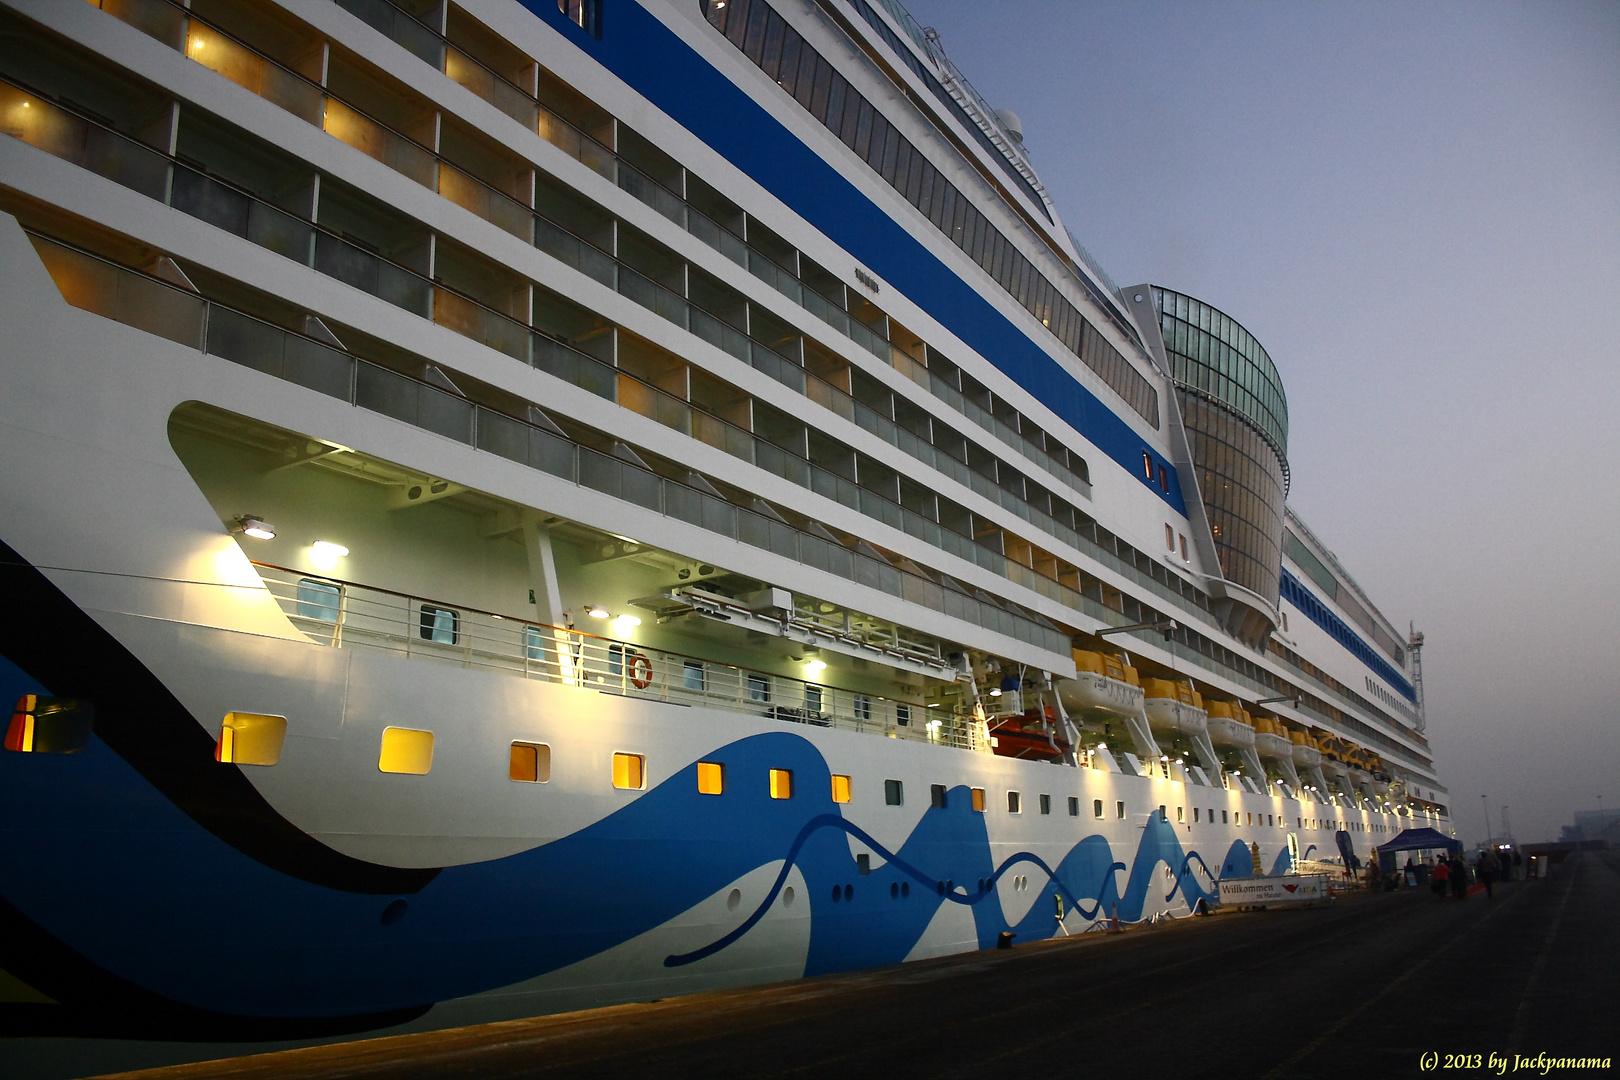 Unser Schiff, die AIDAblu im Hafen von Dubai